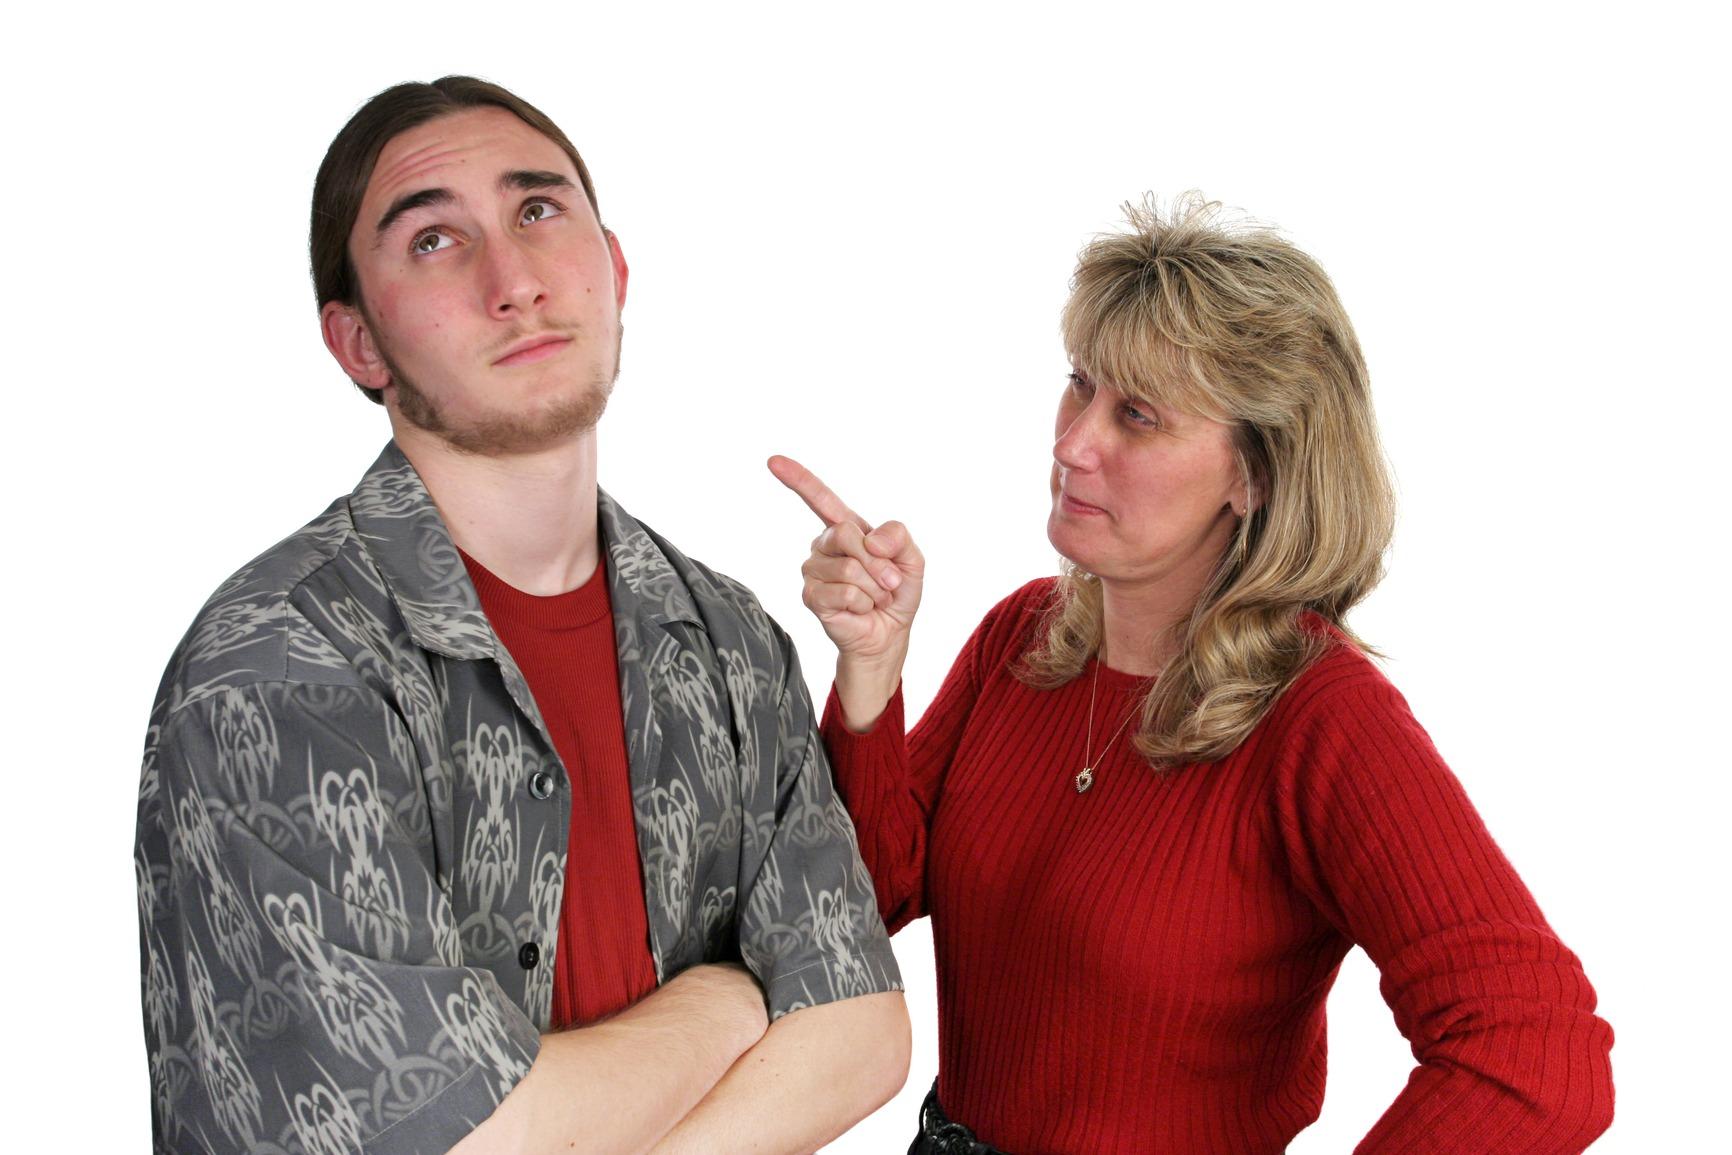 Муж - маменькин сынок: перспективы отношений